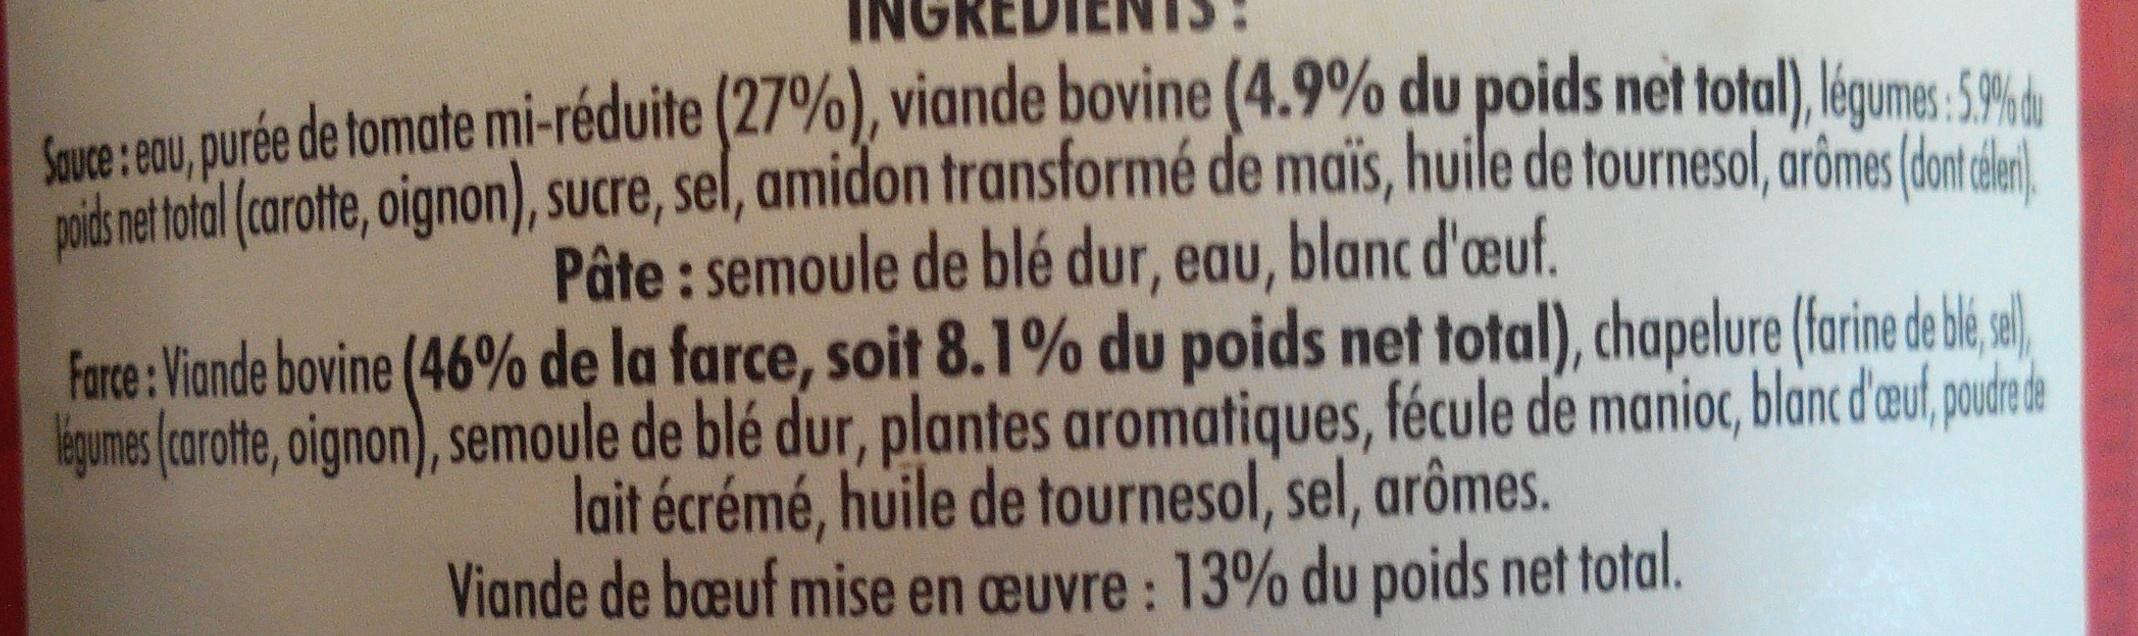 Cannelloni à la sauce italienne (pur bœuf) - Inhaltsstoffe - fr